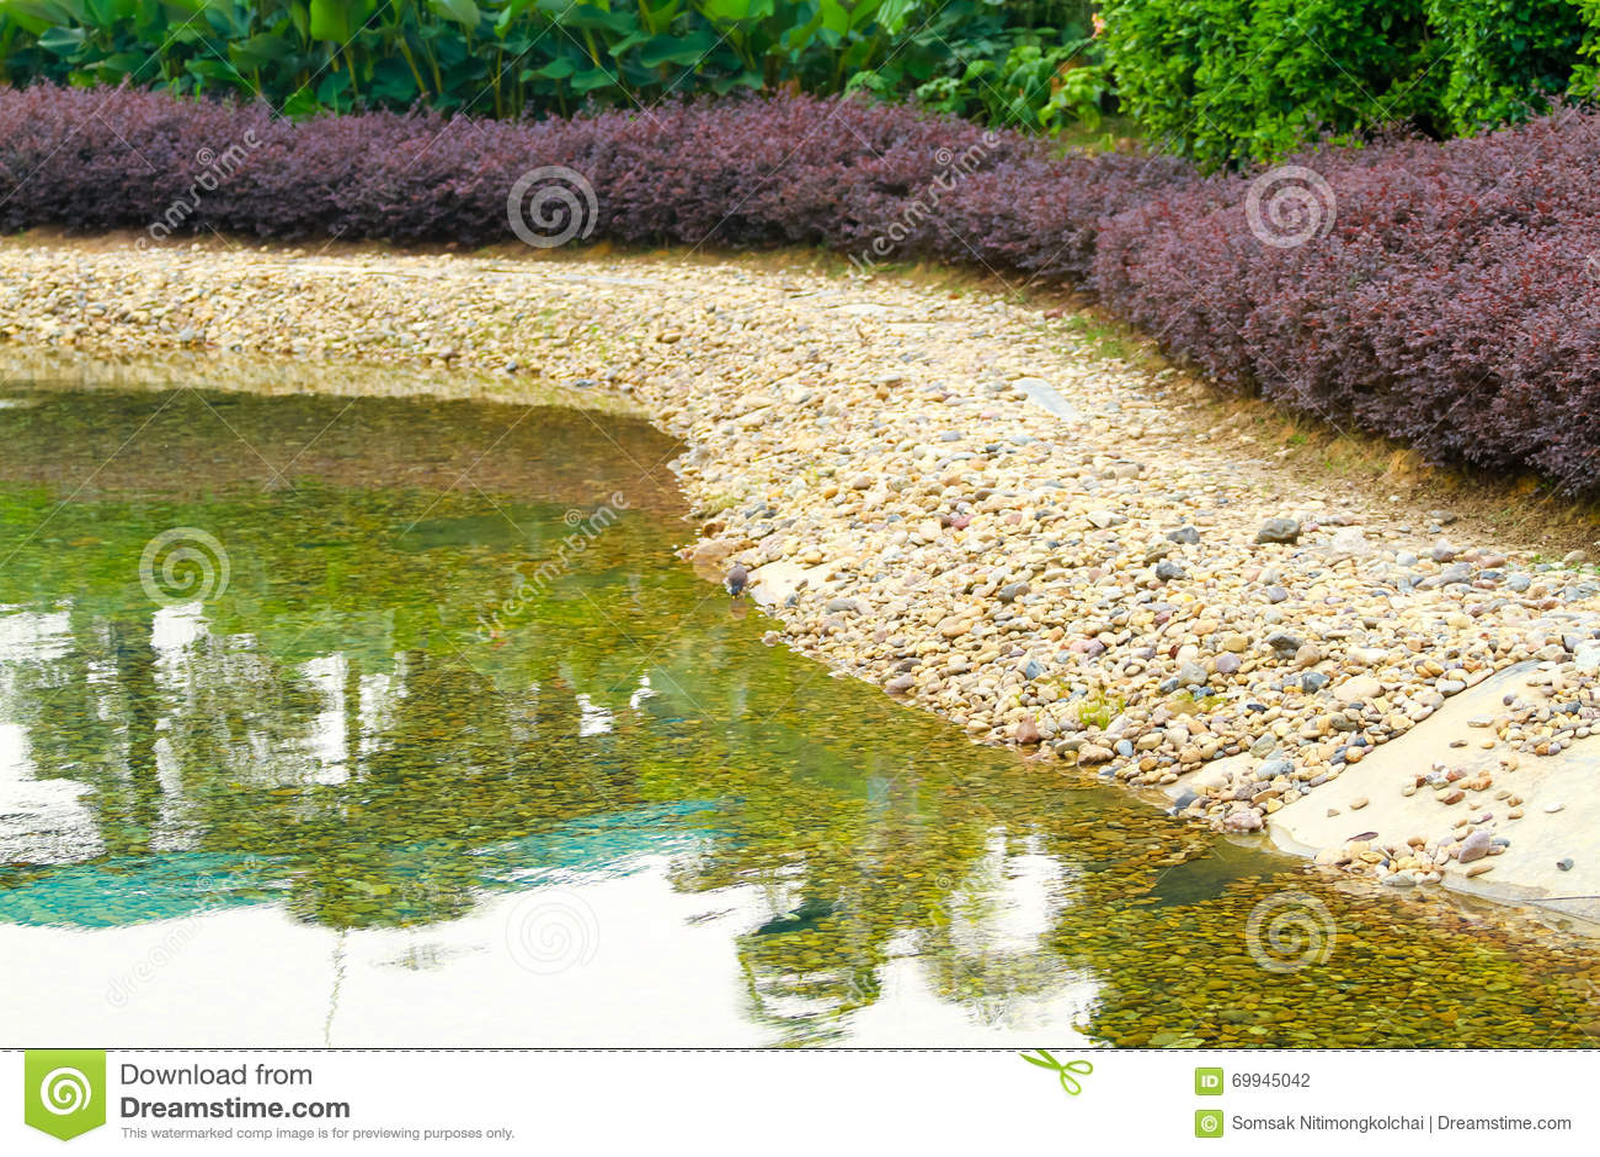 Pond gravel plant in the garden background stock photo for Garden pond gravel